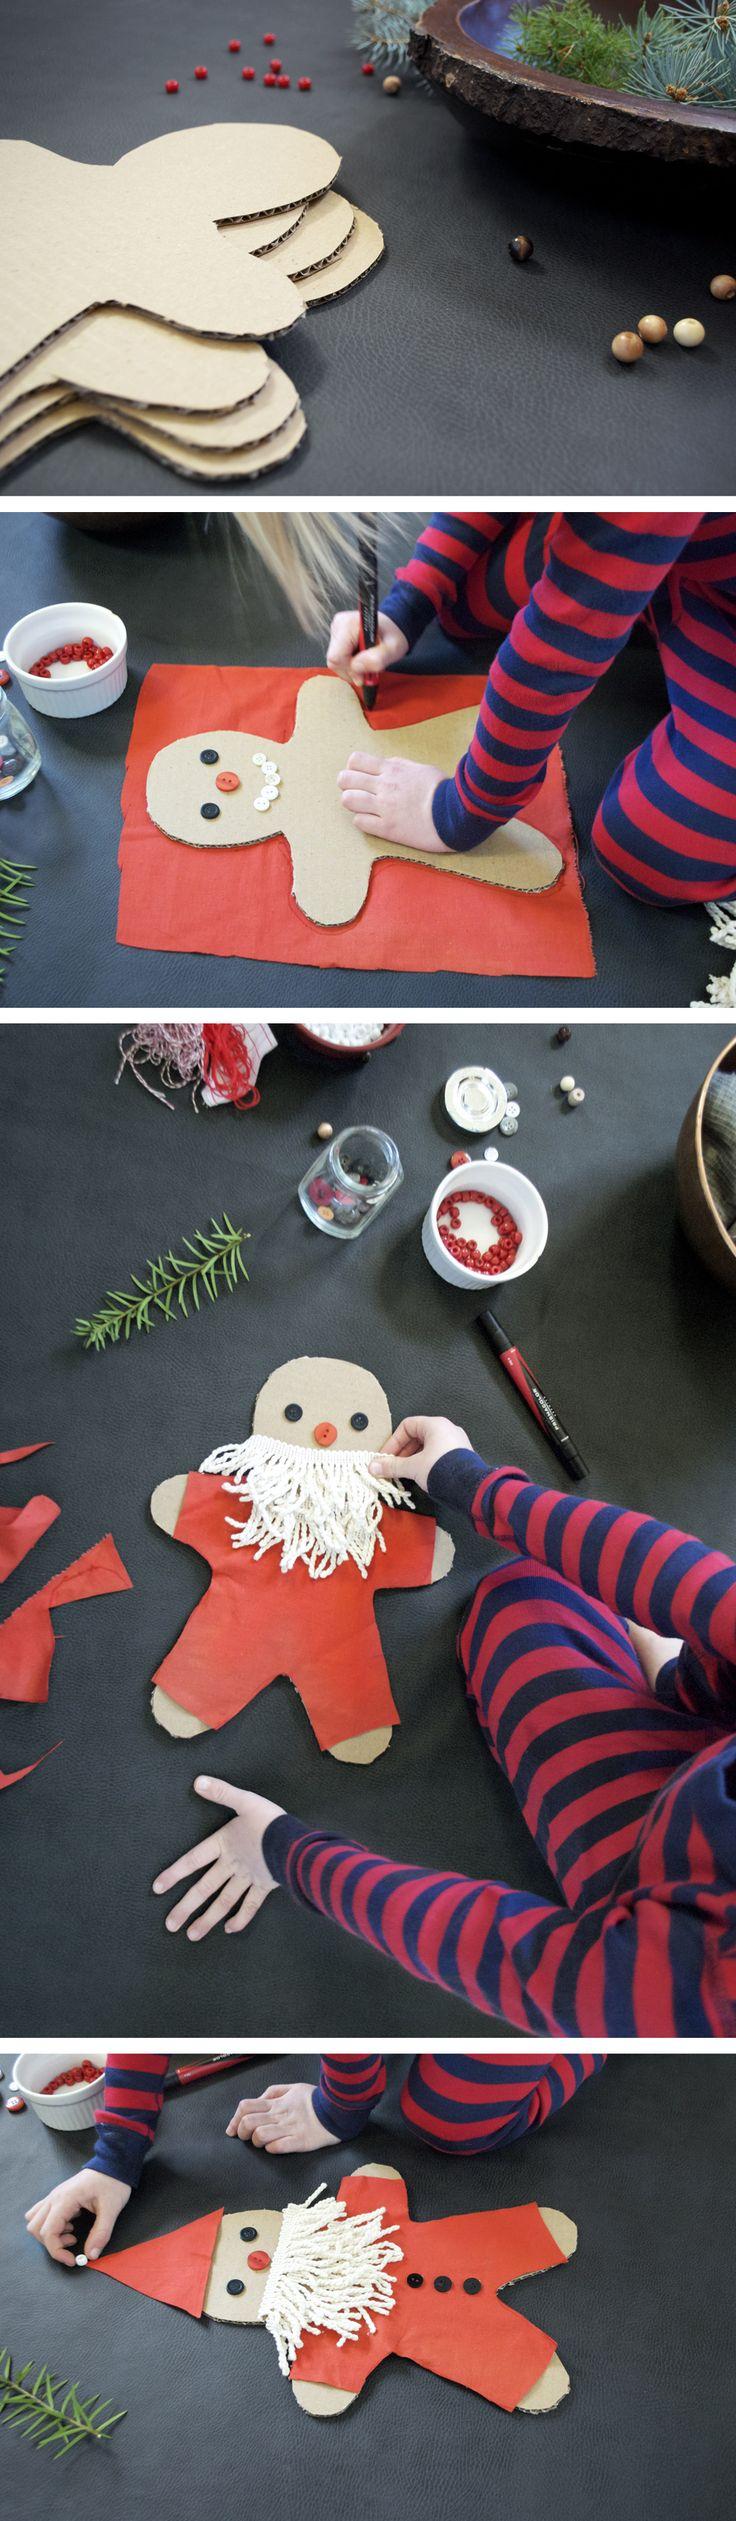 Mer Mag Cardbaord Gingerbread Santa DIY eine super süße Bastelidee für Weihnachten